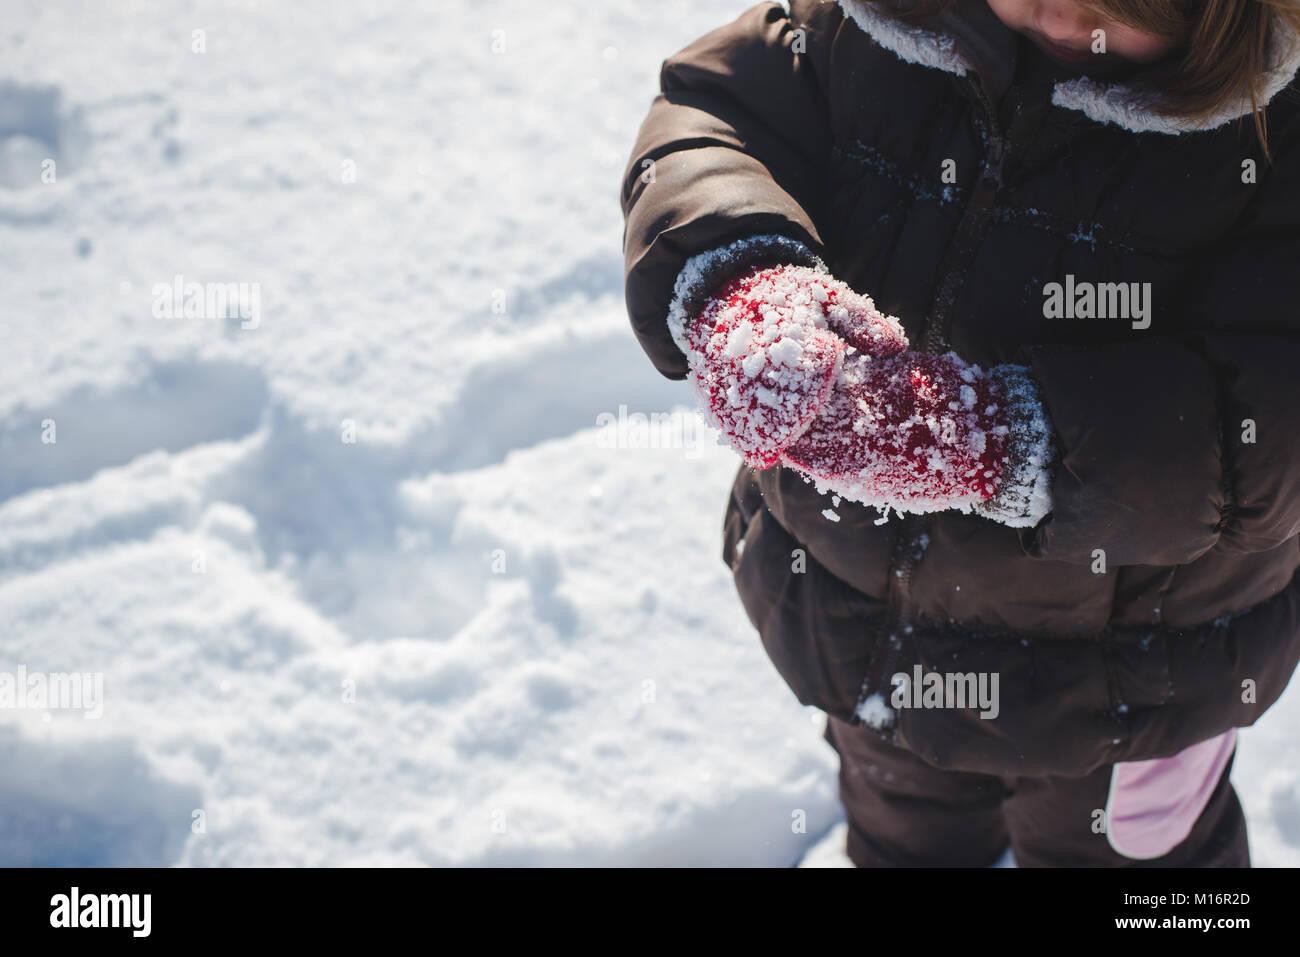 Un niño de 3 años vistiendo la ropa de invierno, guantes de invierno, juega en la nieve en un soleado Imagen De Stock